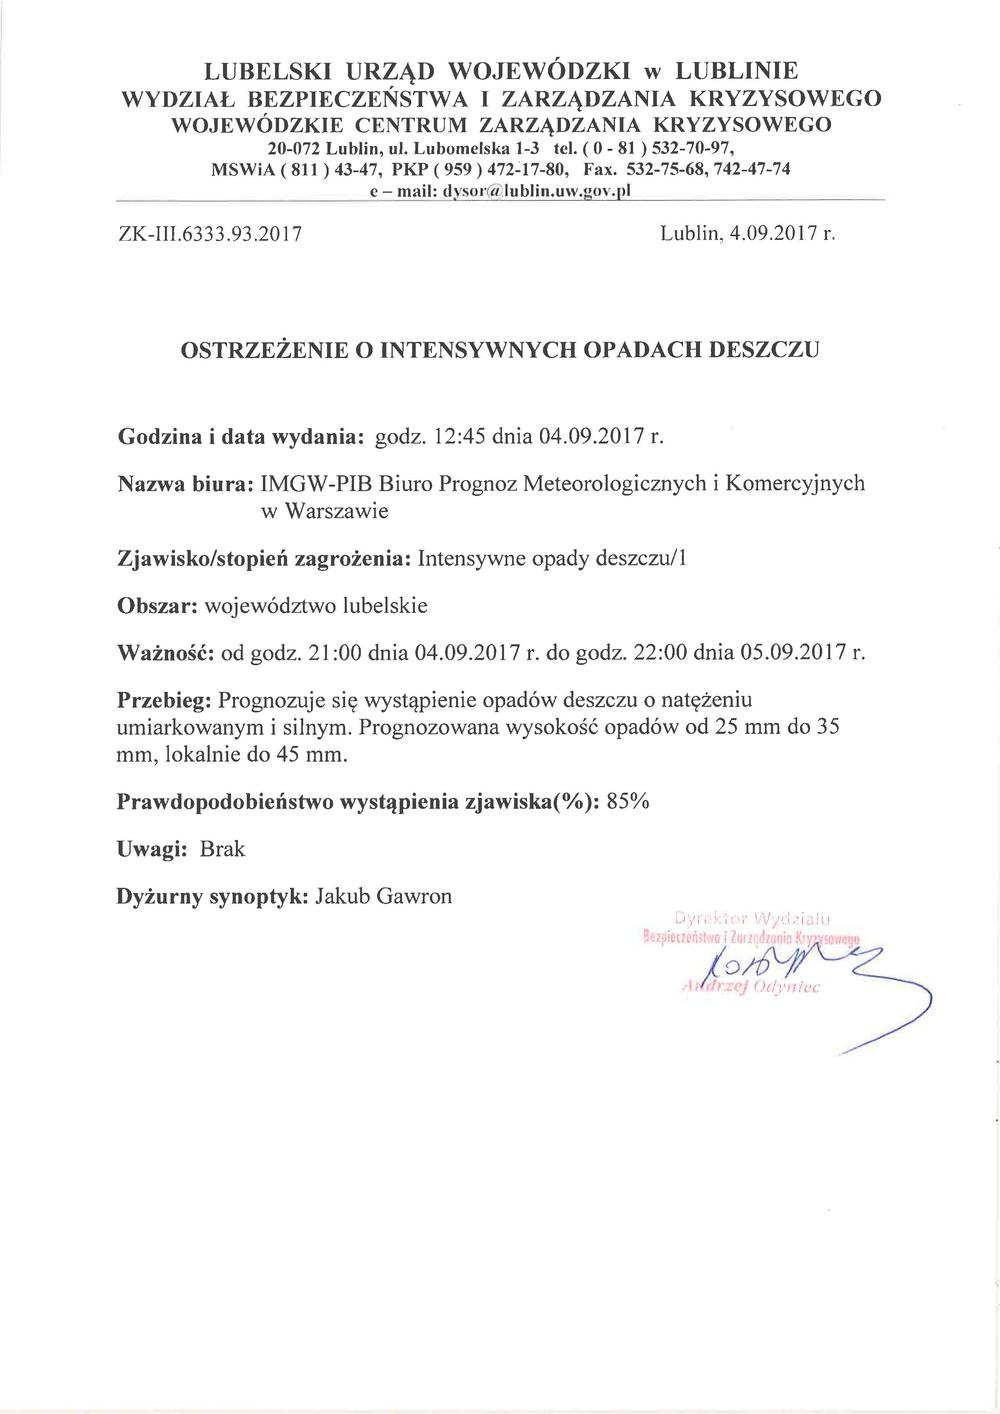 Ostrzeżenie o intensywnych opadach deszczu z dn. 4.09.2017 r.